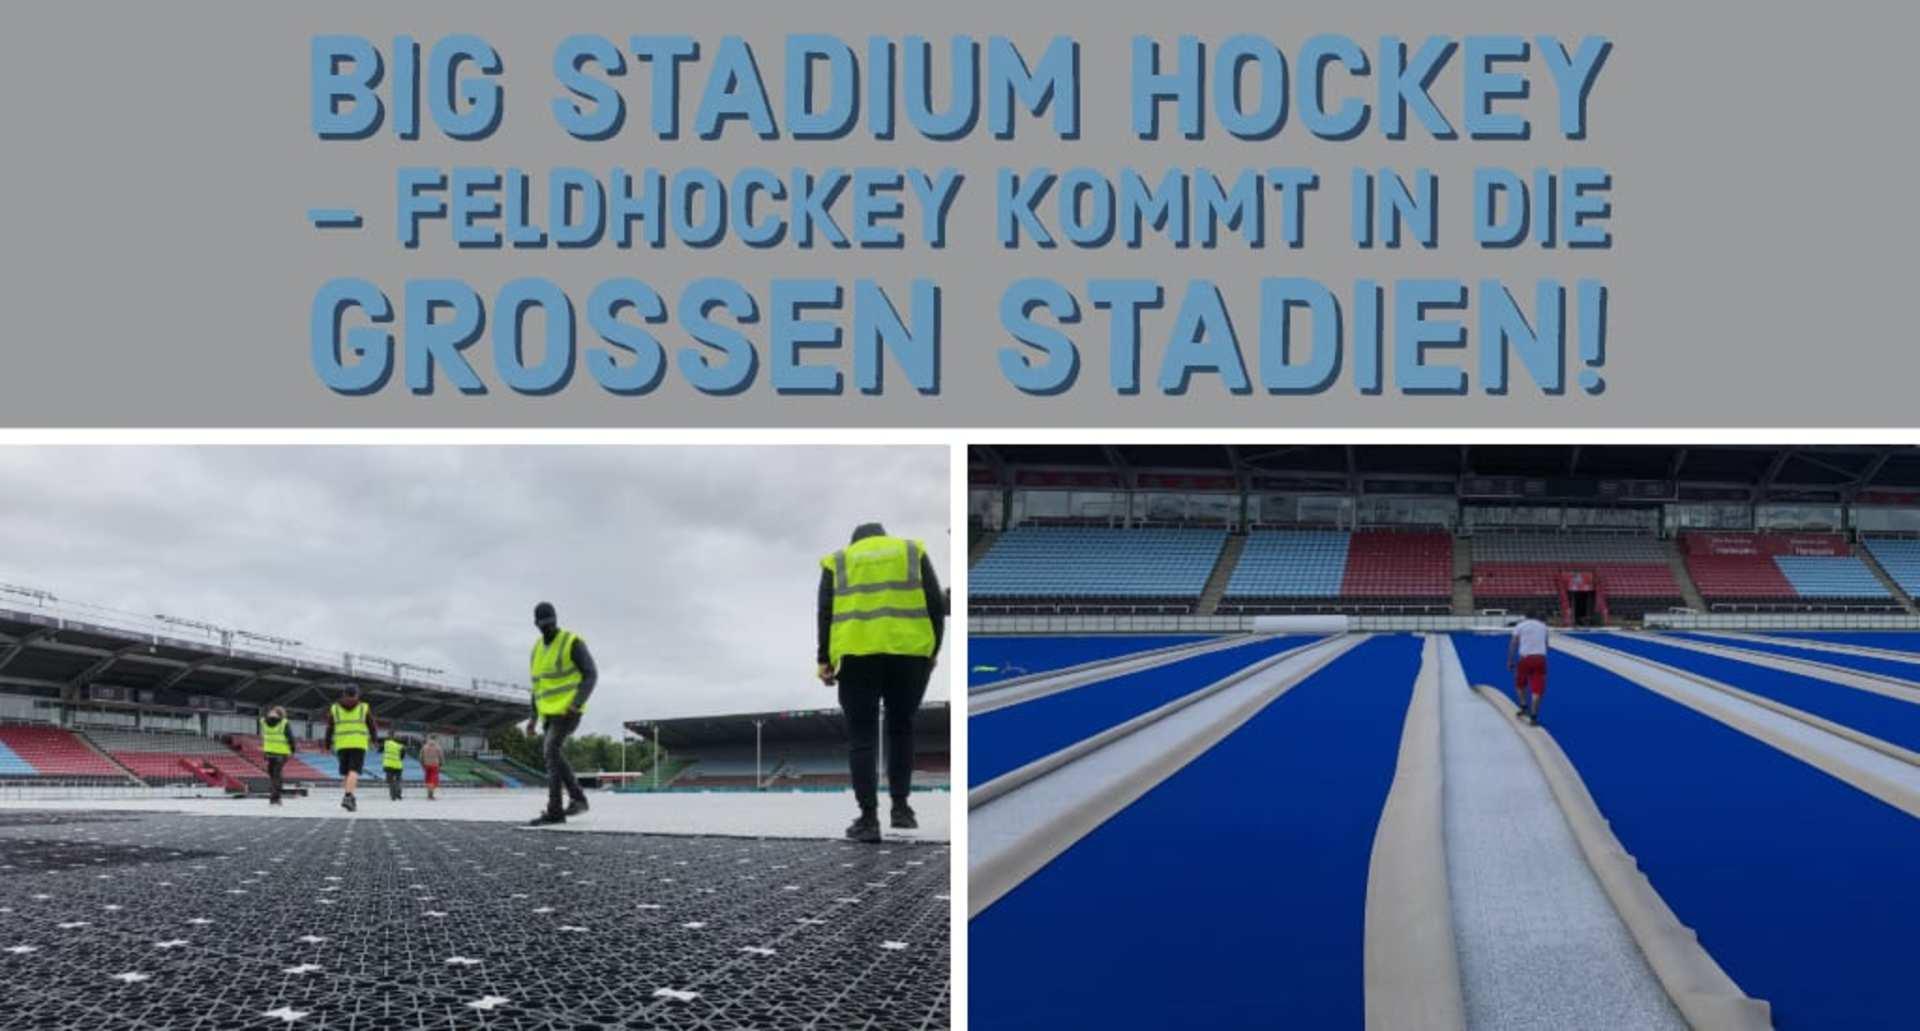 Big Stadium Hockey – Feldhockey kommt in die großen Stadien!